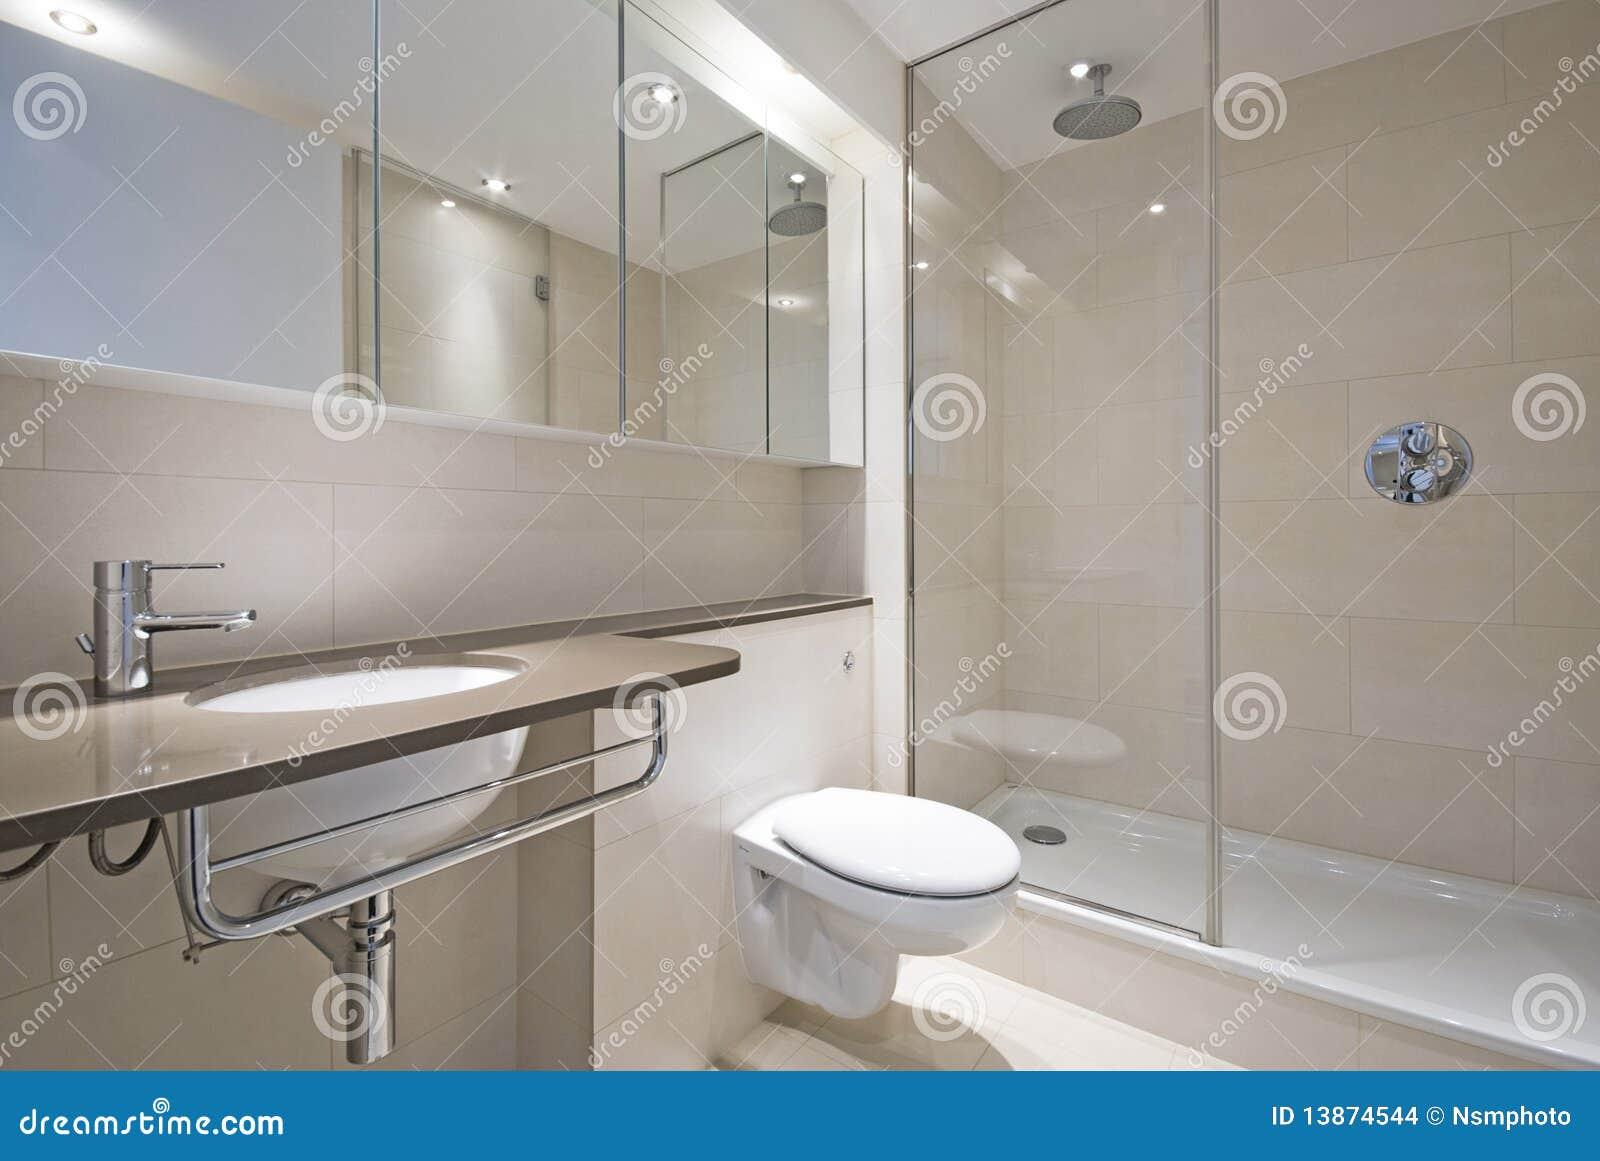 Salle de bains moderne avec le lavabo de créateur